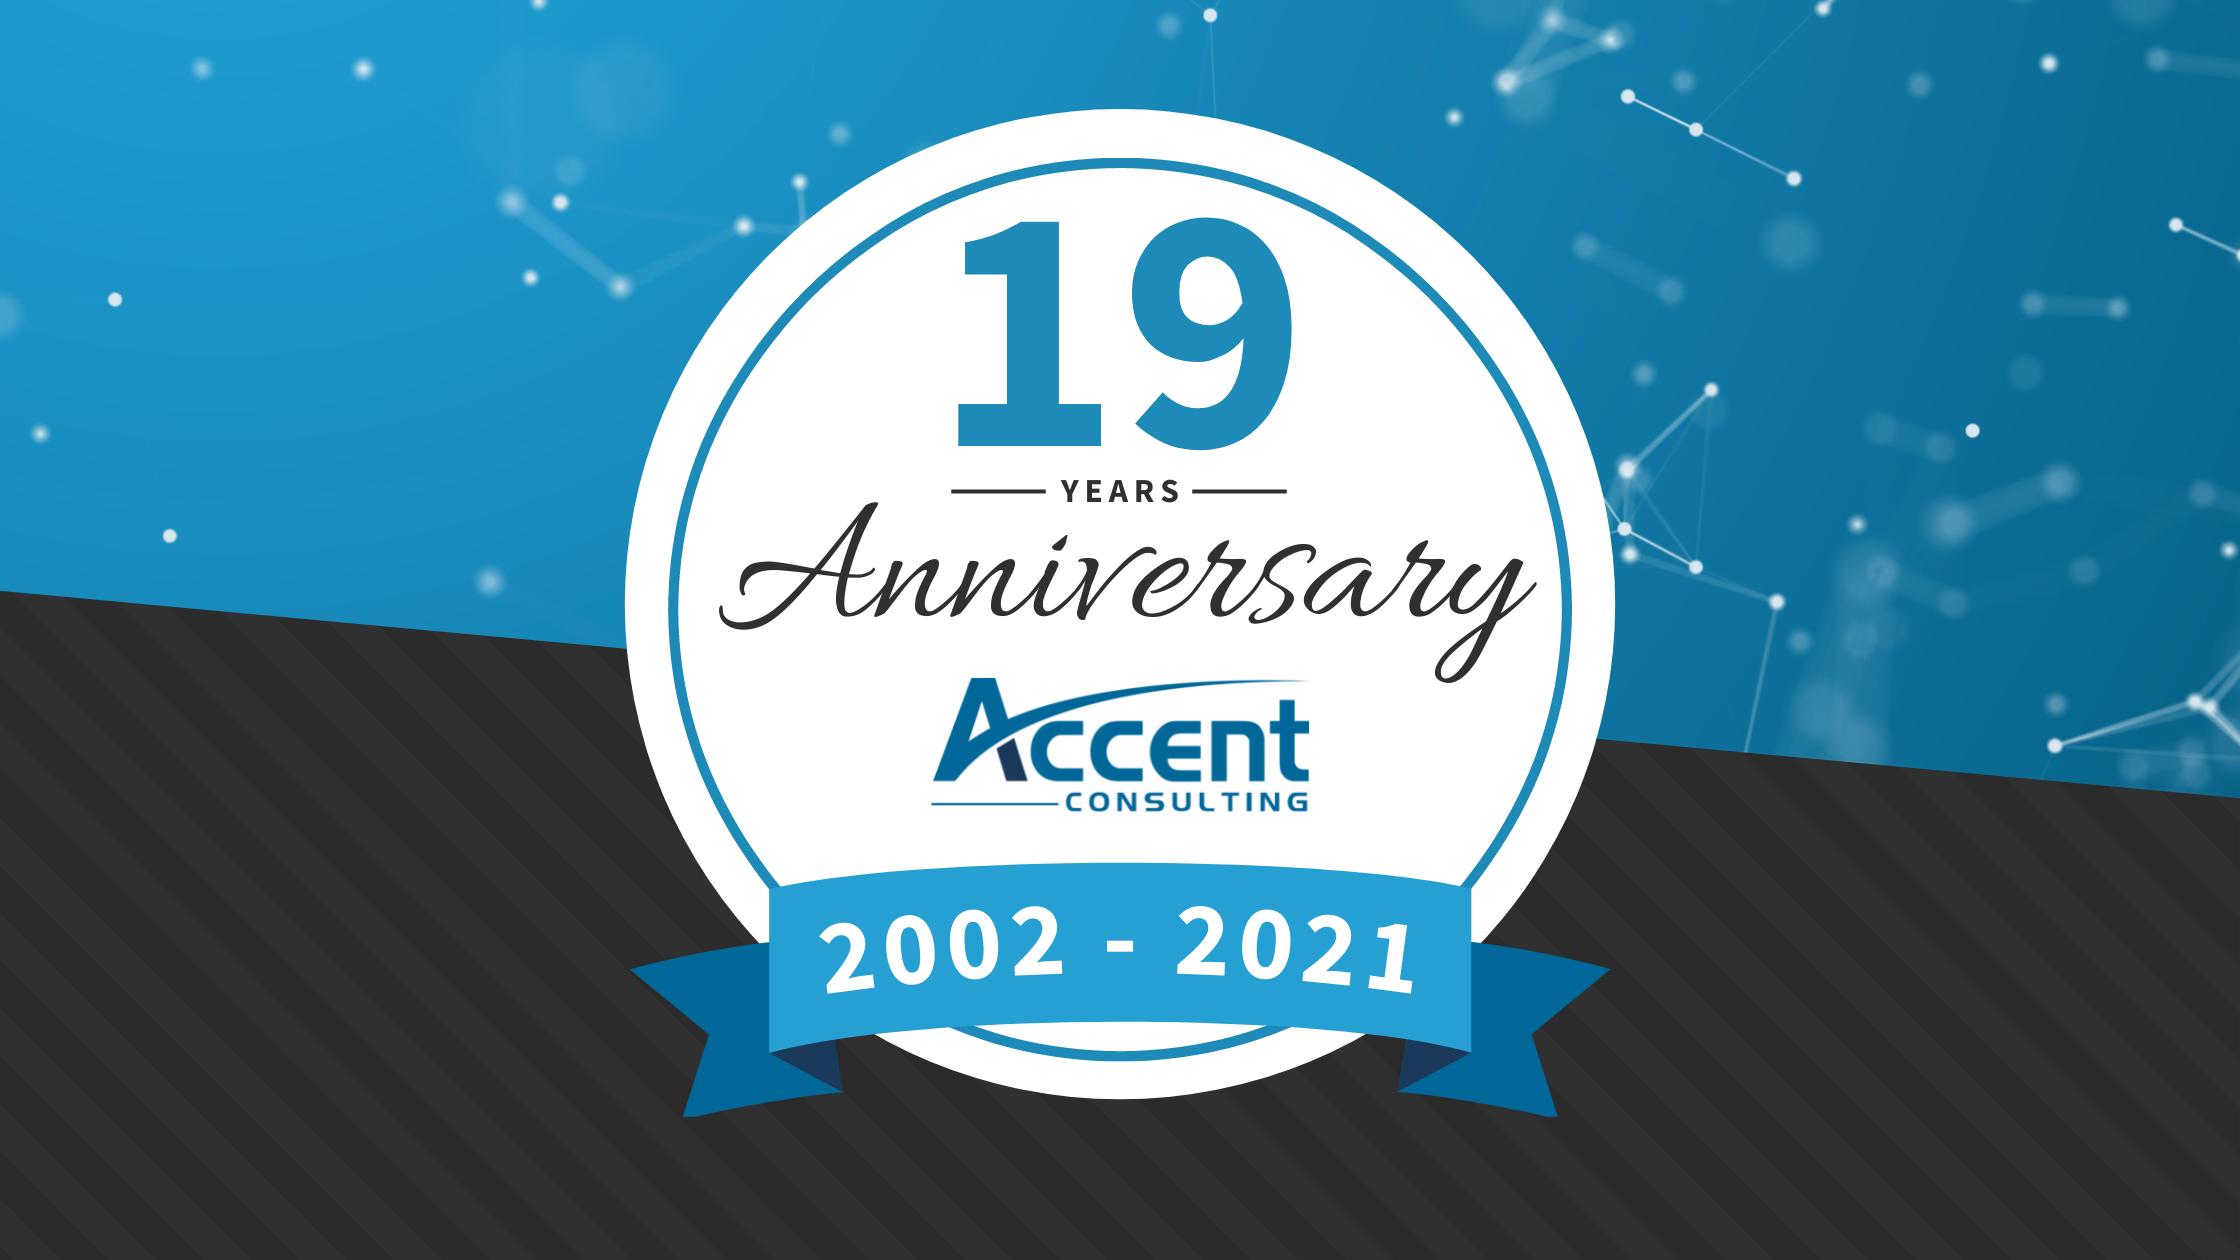 Accent's 19th Anniversary